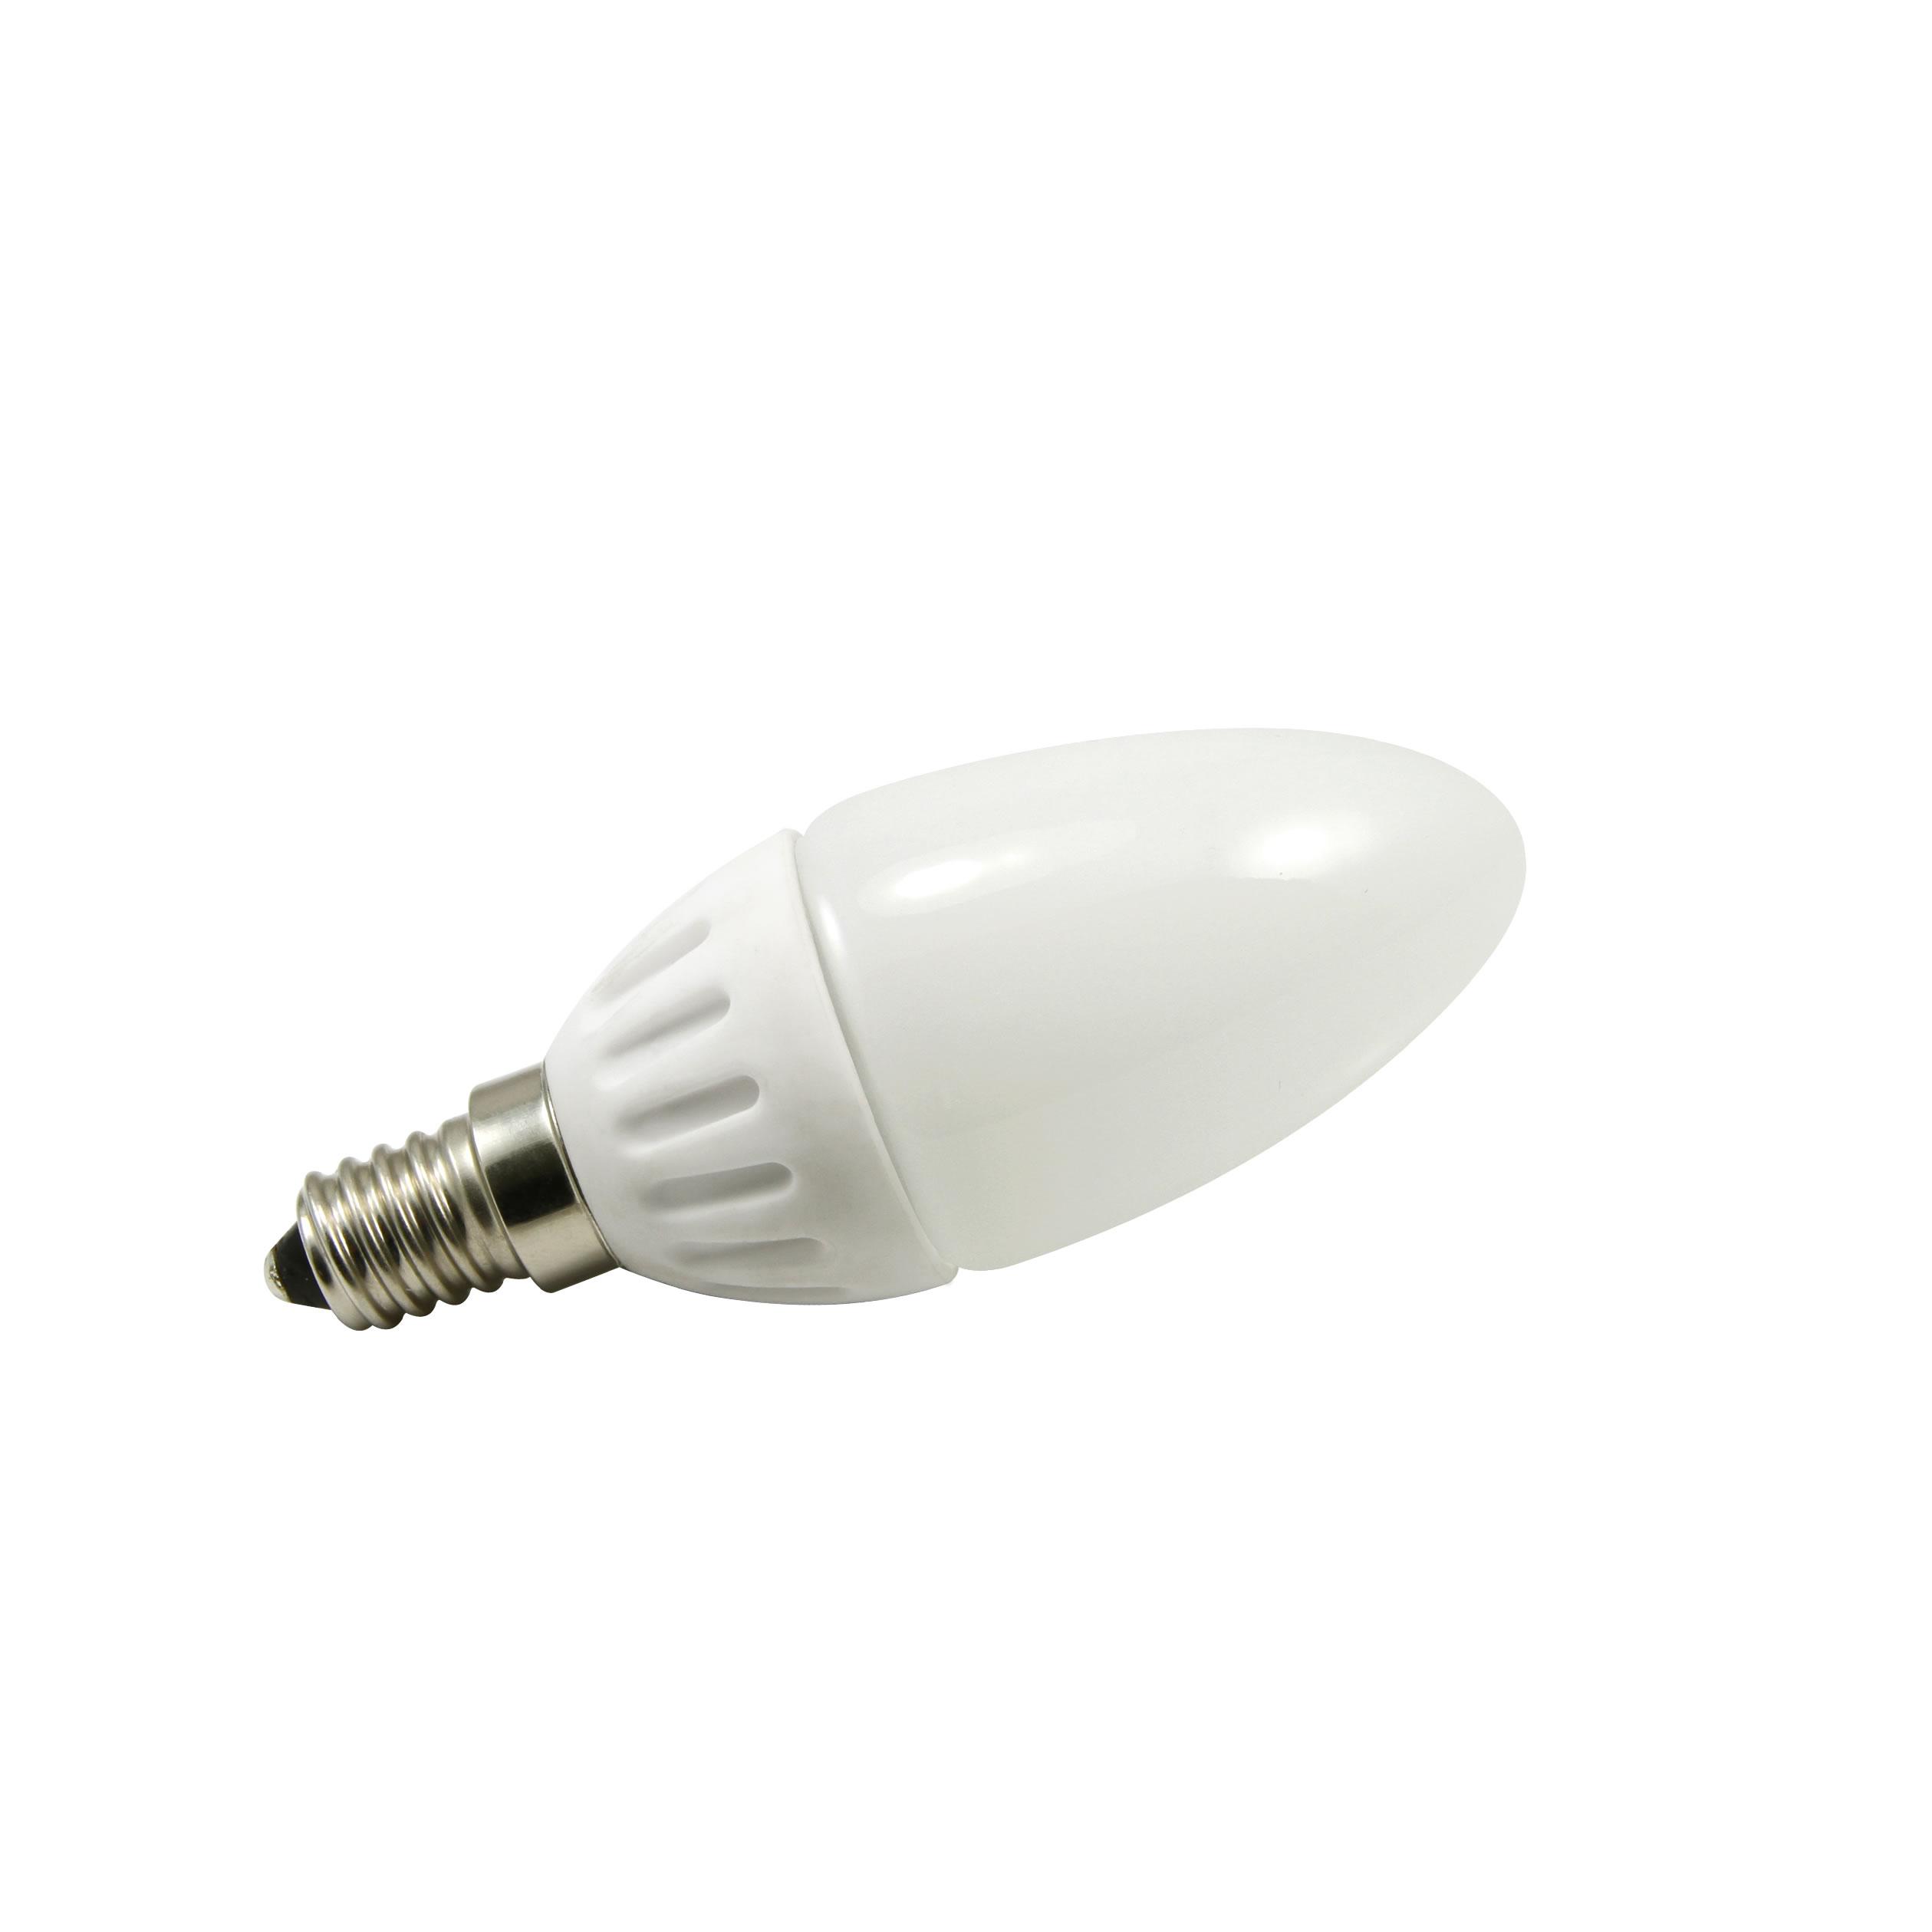 LED CANDLE 5.5W